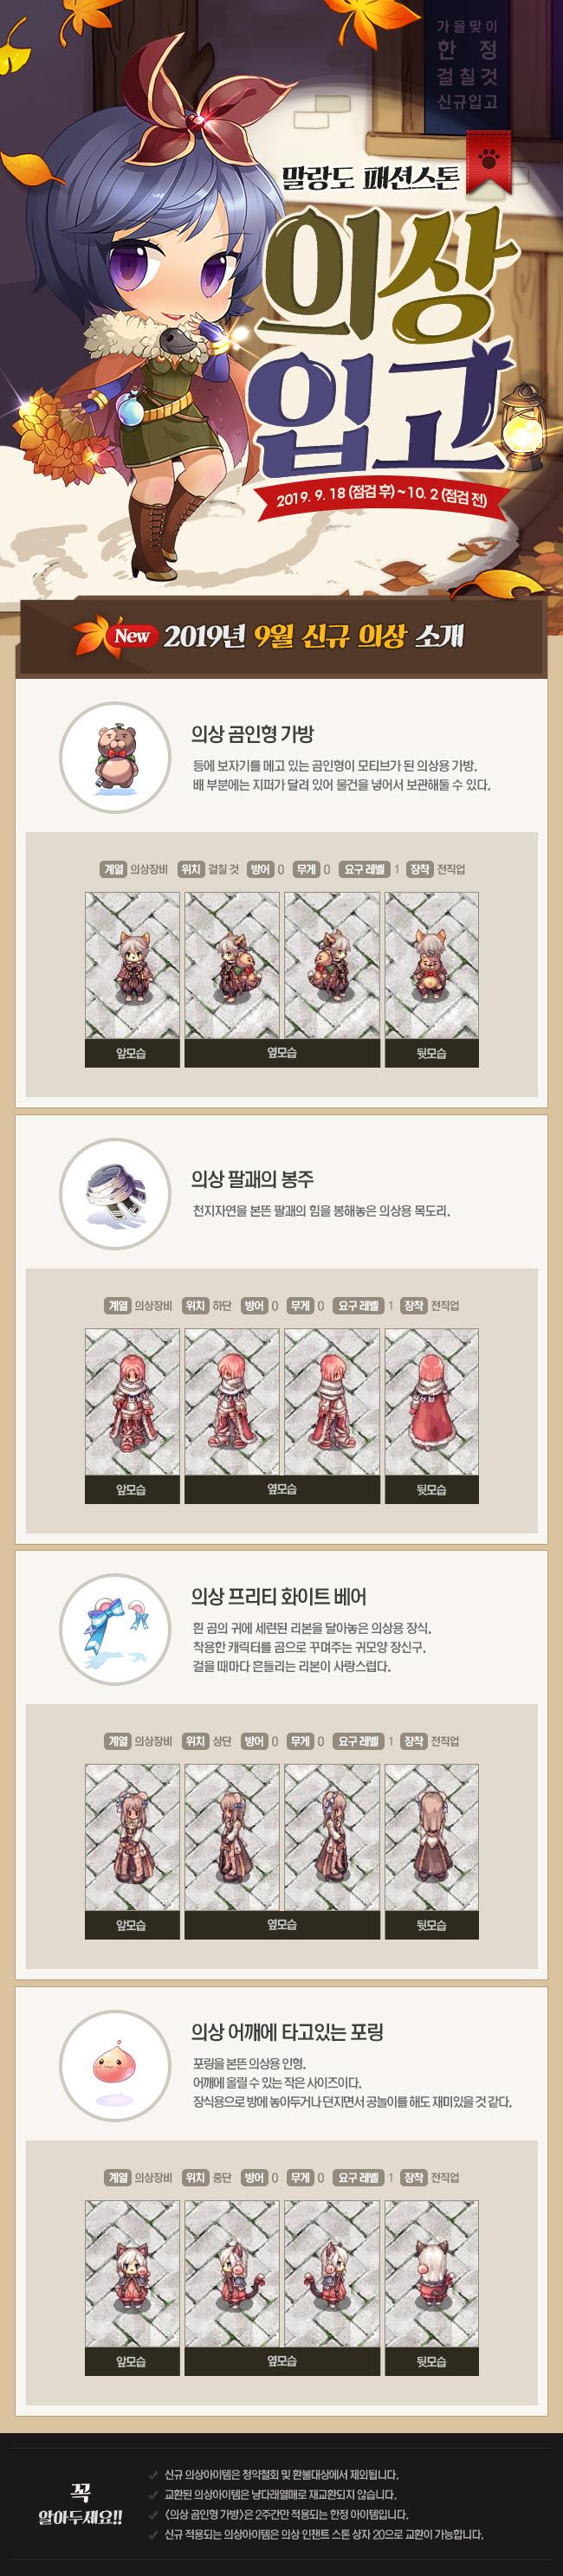 9월 냥다래 신규의상 소개페이지